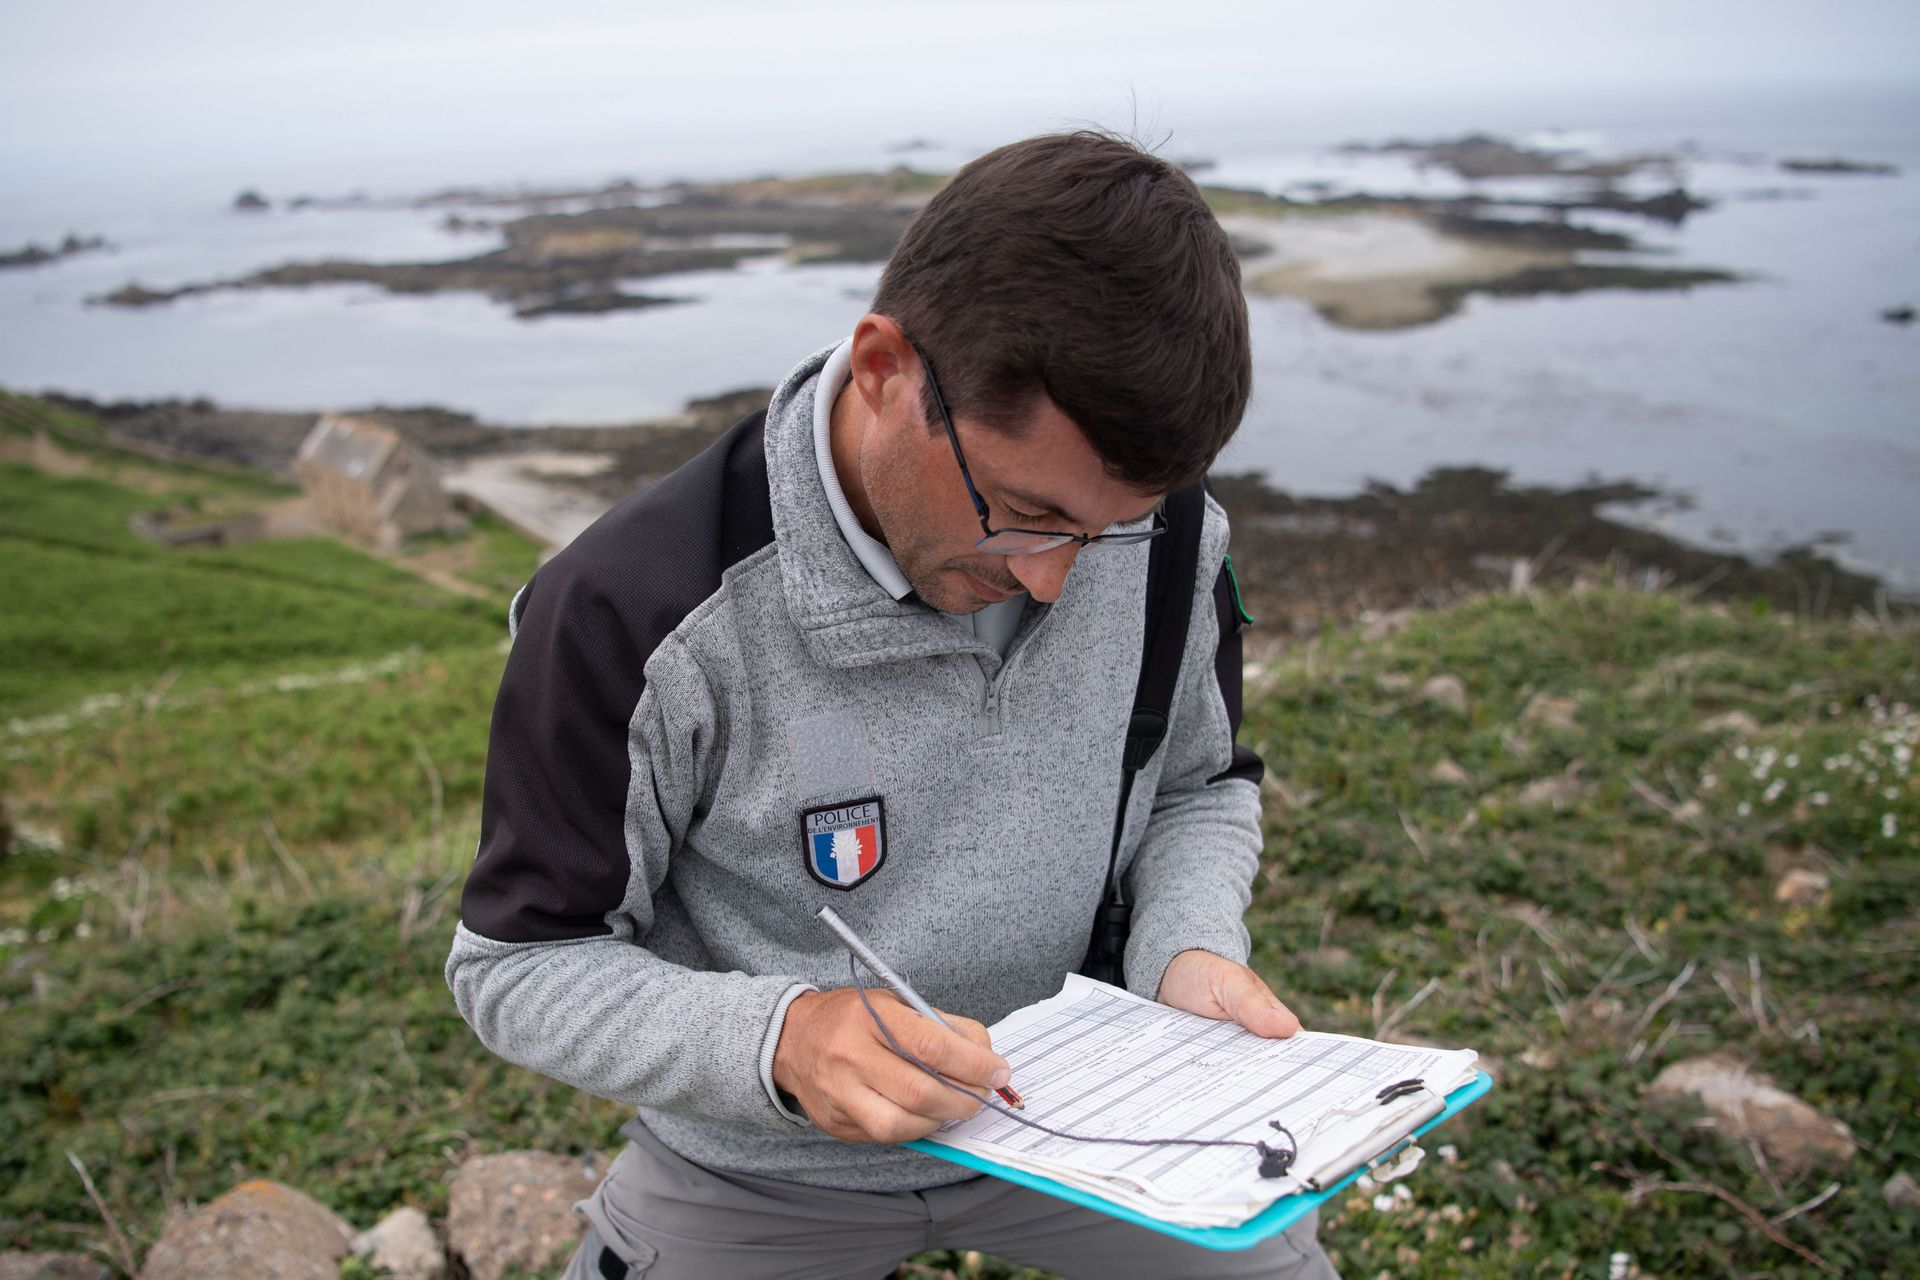 """El policía ambiental del santuario natural nacional """"Sept-iles"""" (Siete Islas) Pascal Provost verifica los datos en la isla """"Ile aux Moines"""" frente a Perros-Guirec, en Francia"""